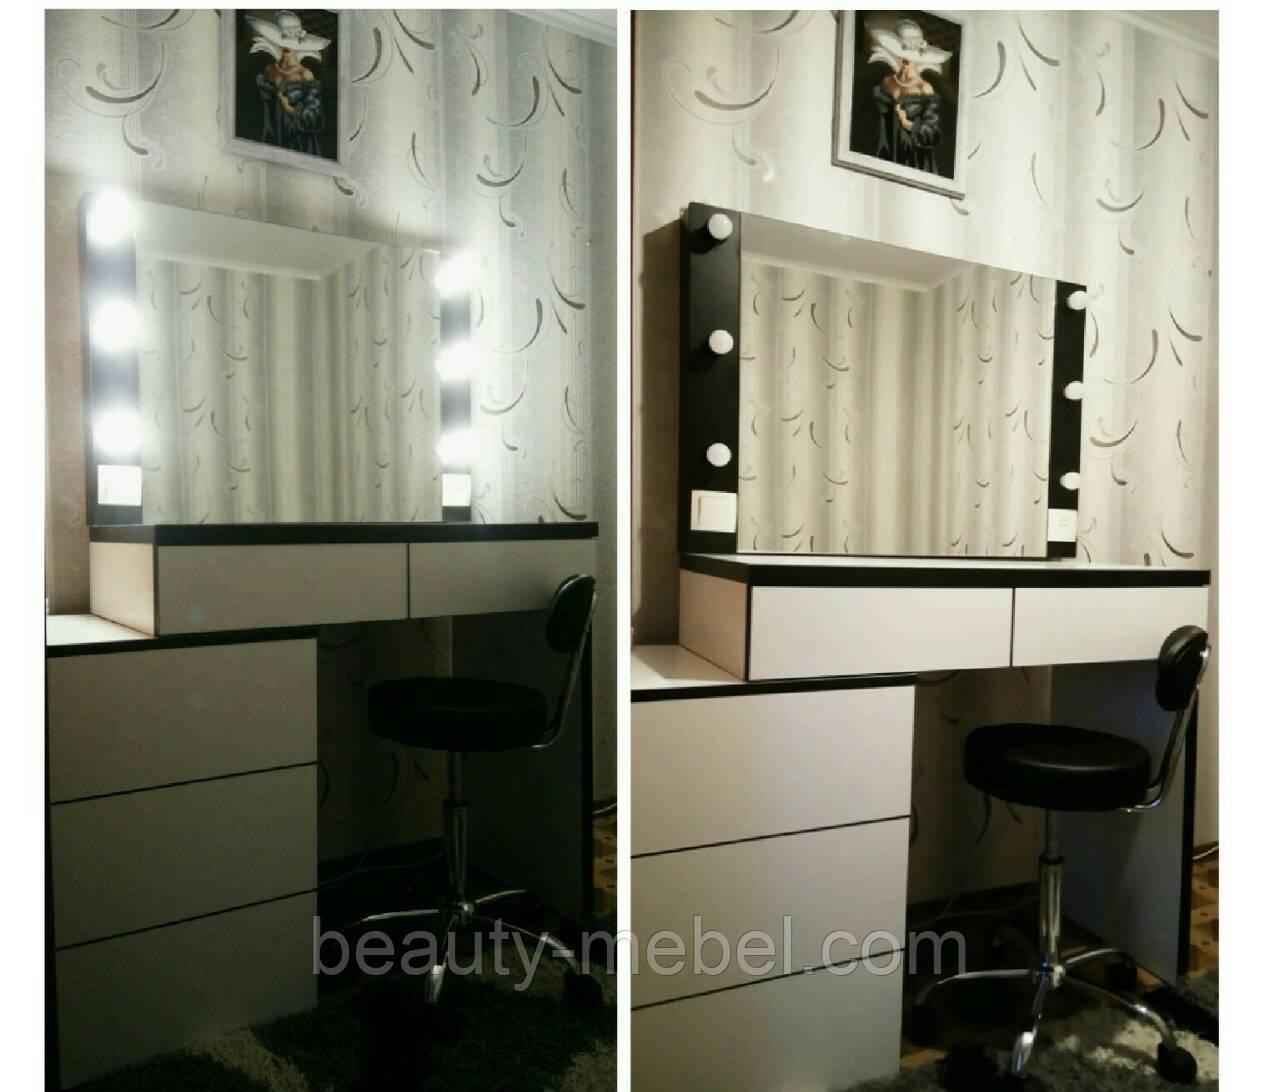 Гримерный стол с навесным зеркалом, зеркало с лампами